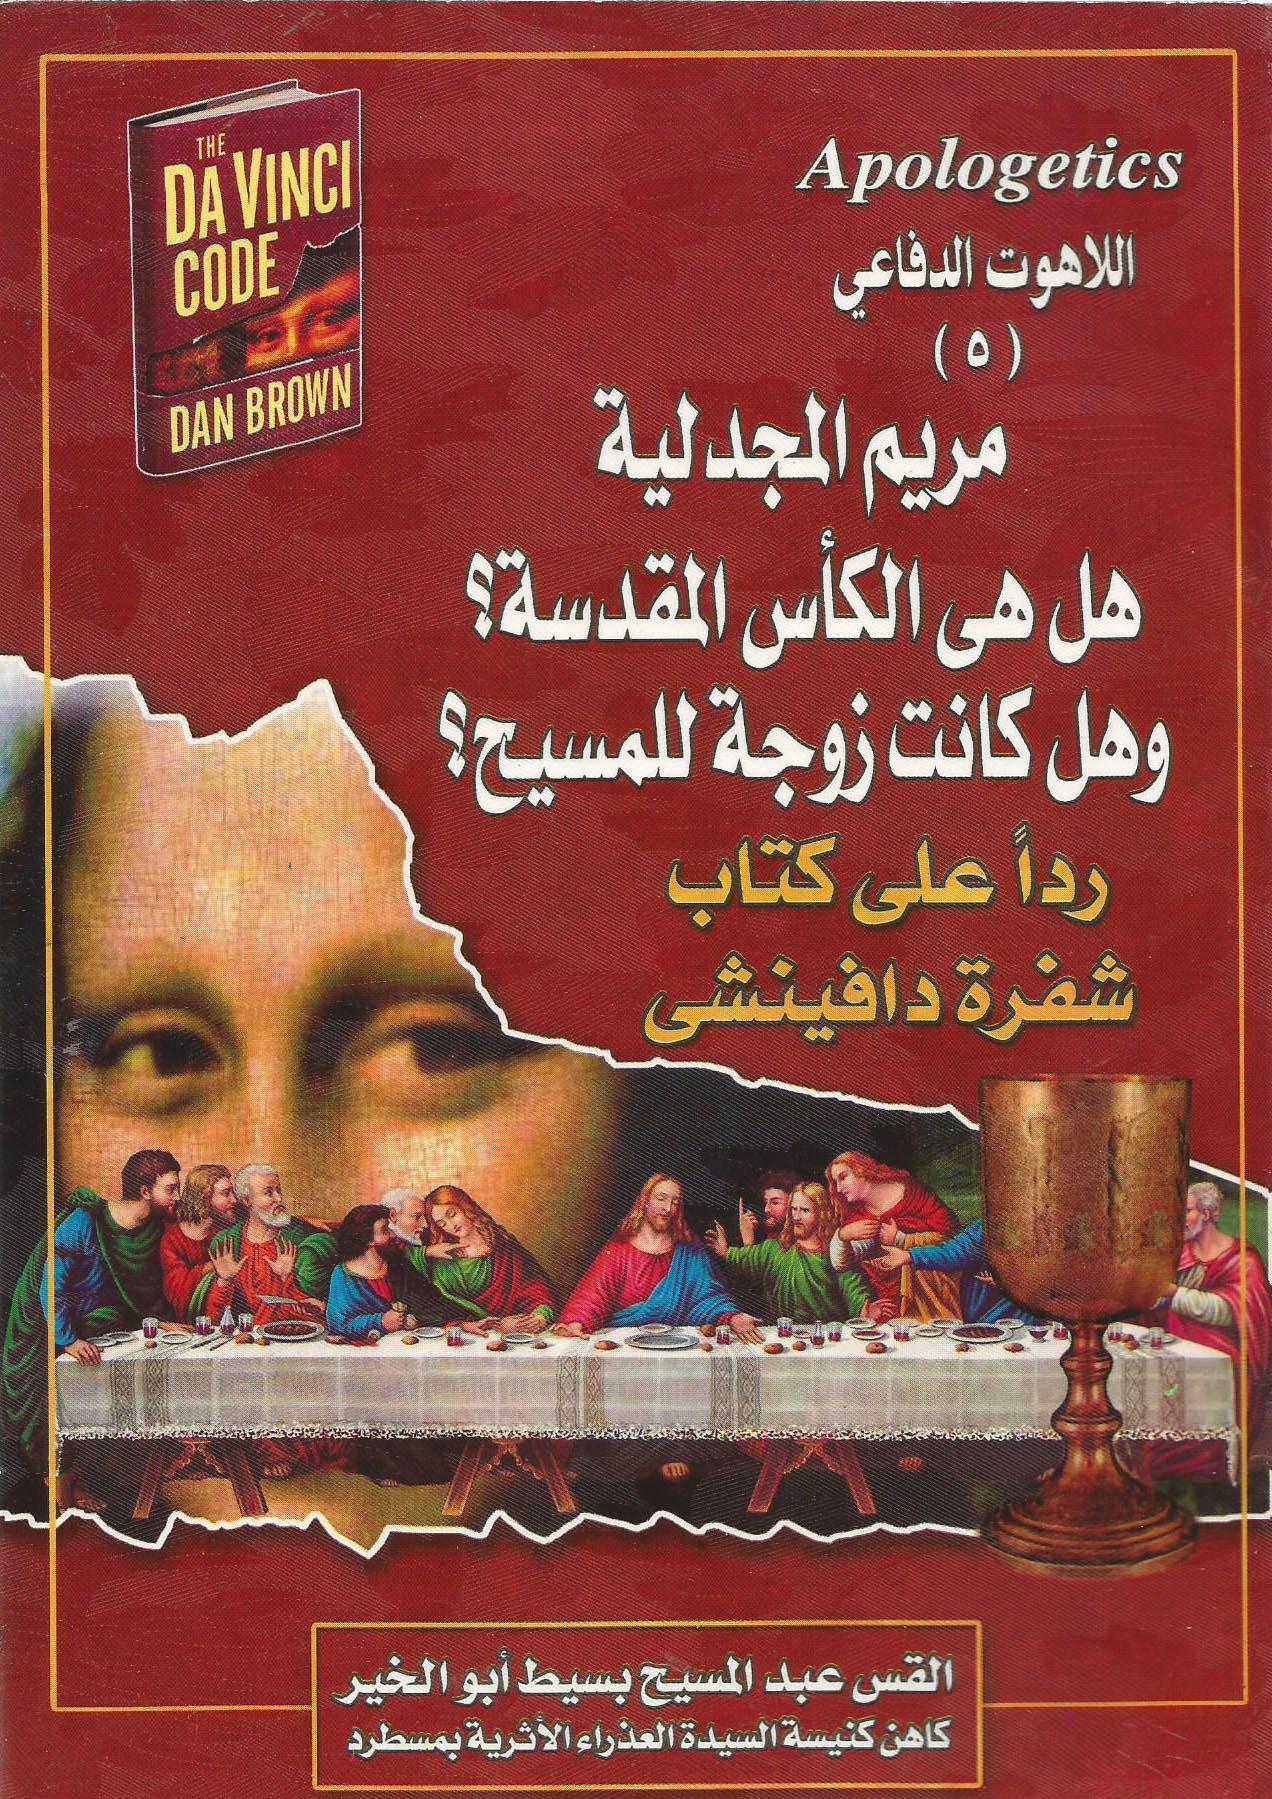 مريم المجدلية ردا على شفرة دافينشى